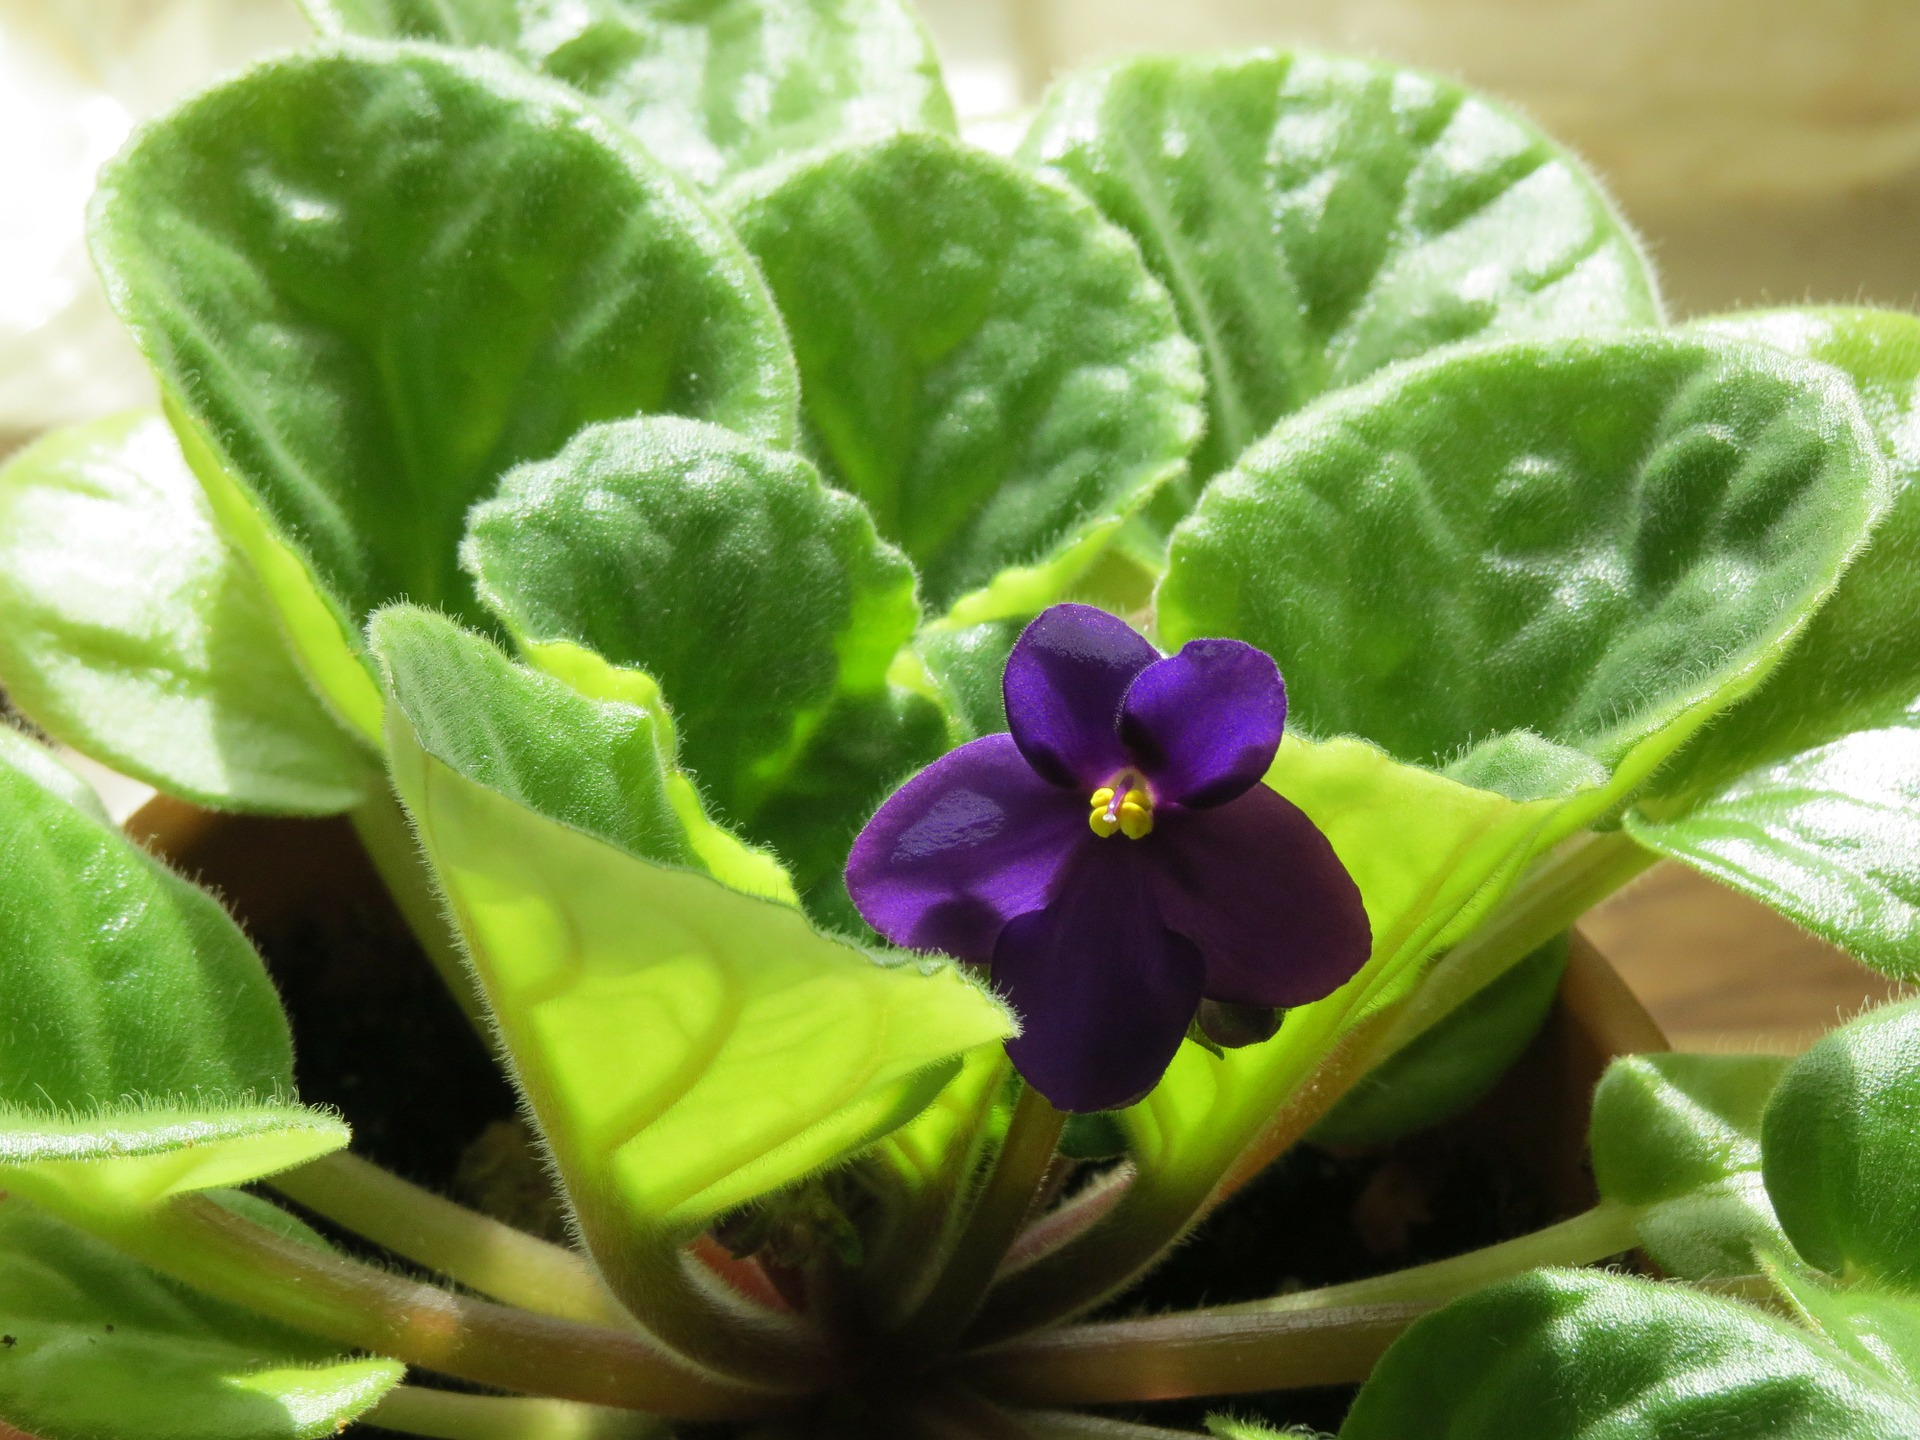 alege floarea preferata - violeta - sfatulparintilor.ro - pixabay_com - african-violet-290097_1920